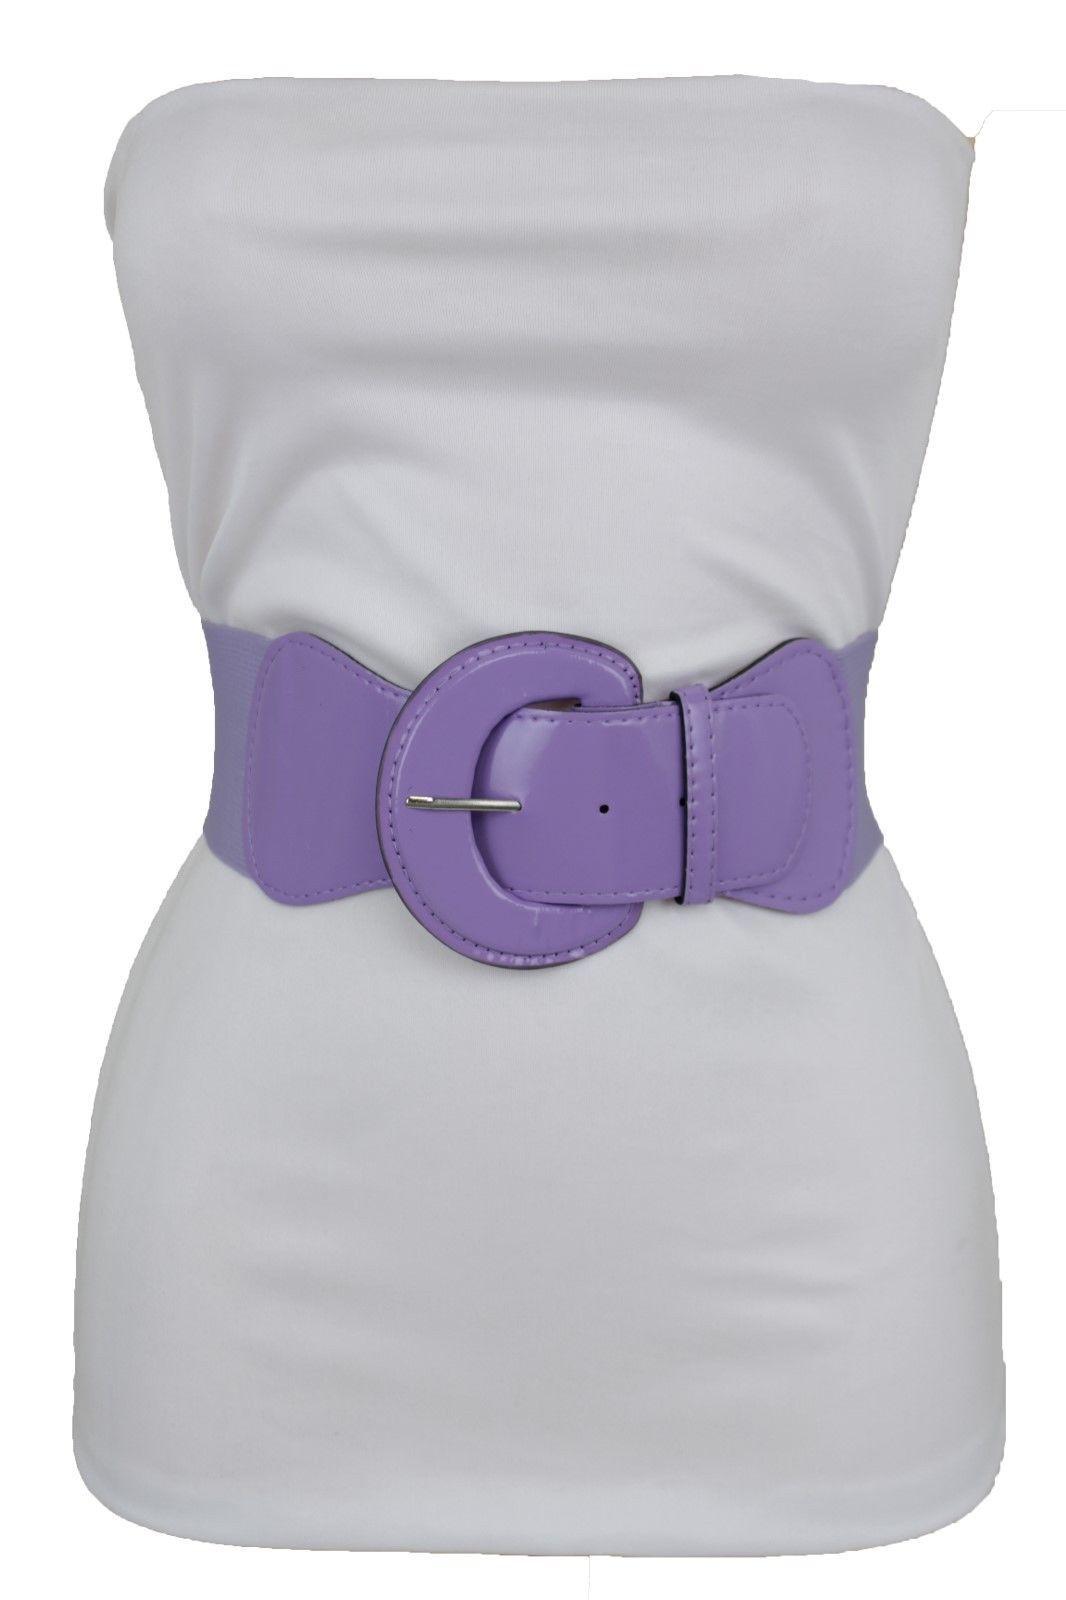 a4e79227d $11.99 - Women Light Purple Lavender Elastic Waistband Fashion Belt Hip  High Waist M L Xl #